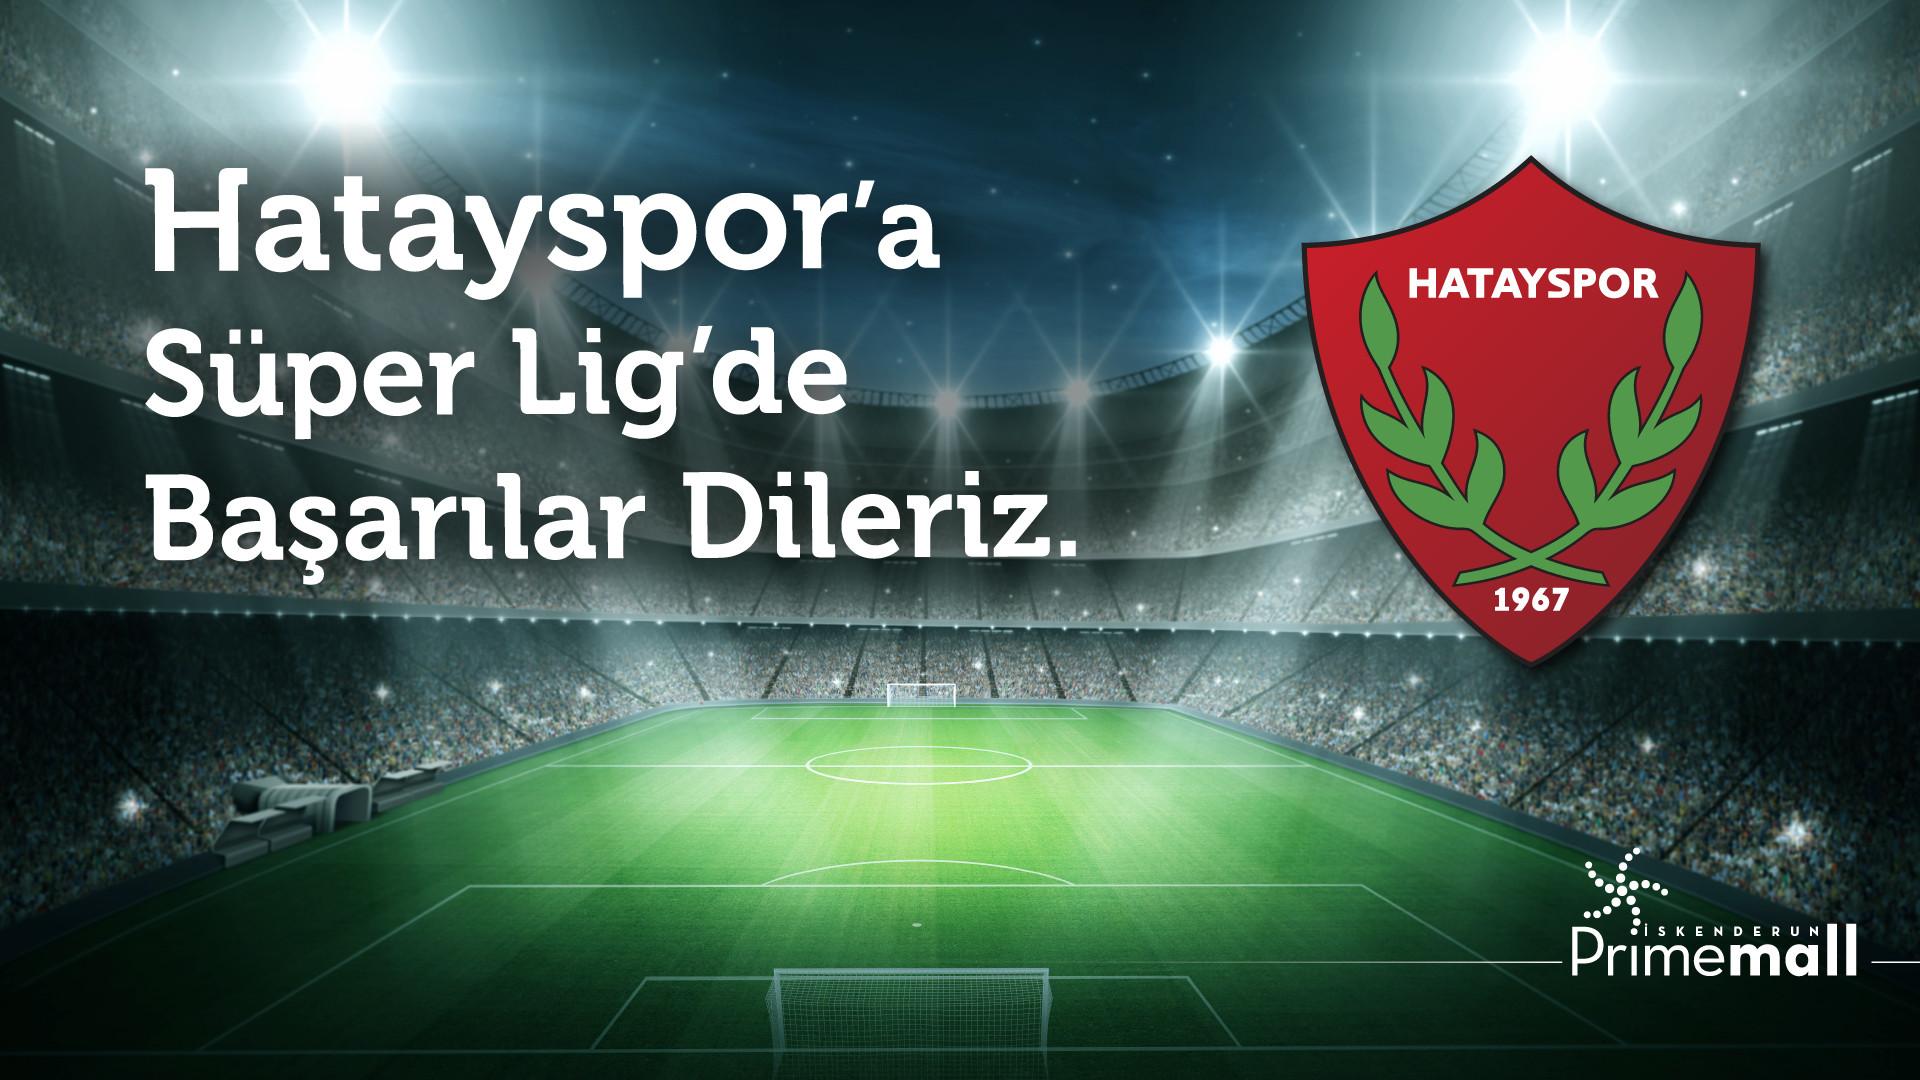 Hatayspor'a Süper Lig'de Başarılar Dileriz